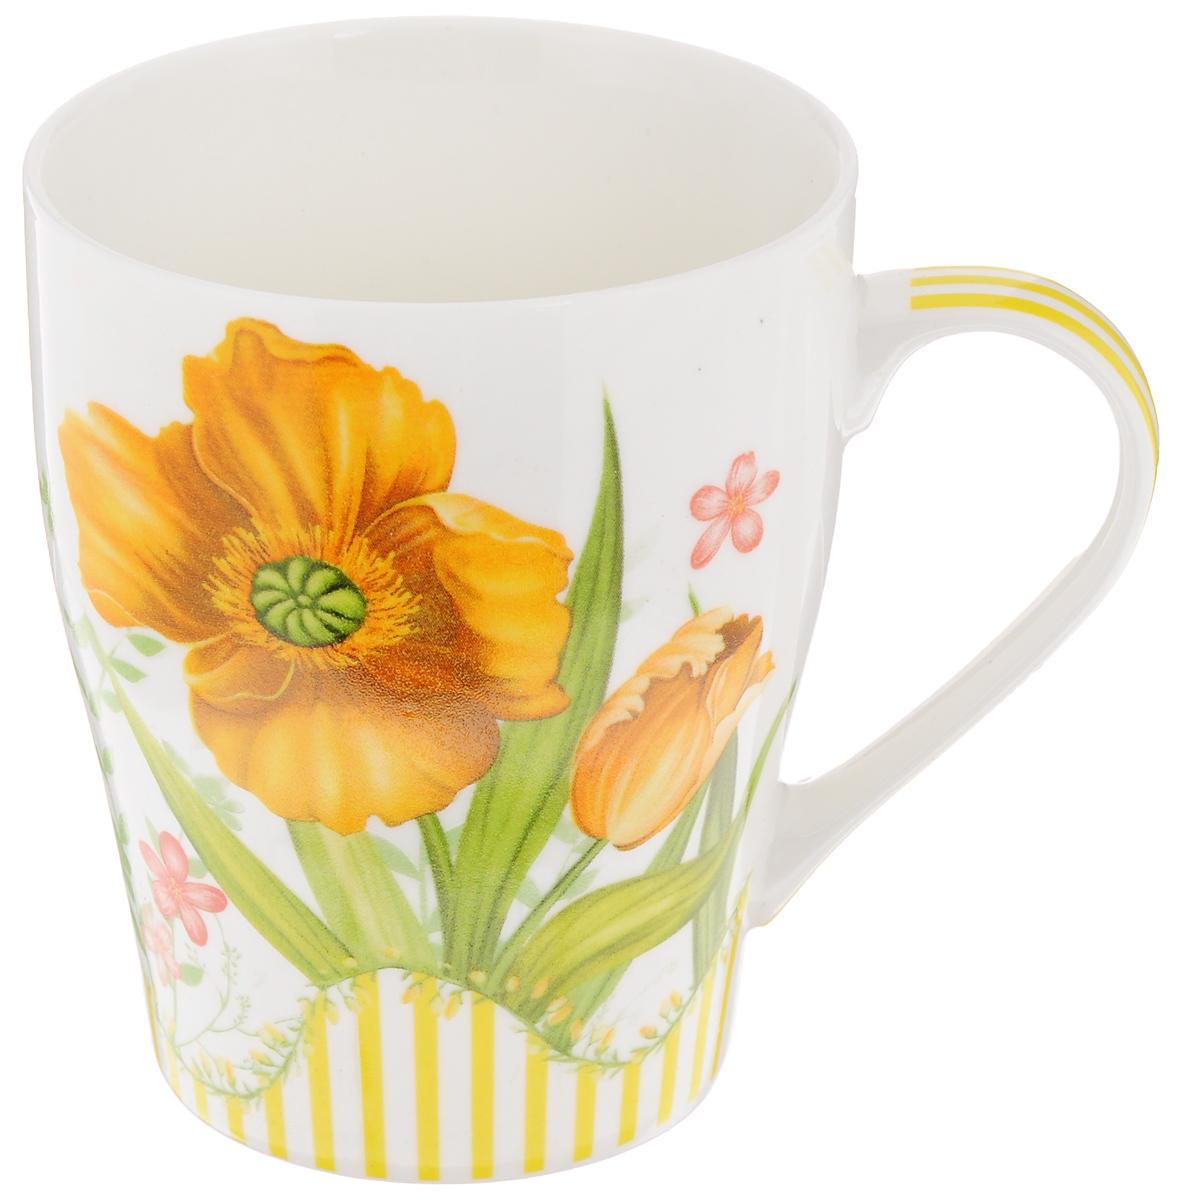 Кружка Loraine Цветок, цвет: белый,оранжевый, 340 мл24466_белый,оранжевыйКружка Loraine Цветок изготовлена извысококачественного фарфора.Изделие оформлено изображением цветов. Такаякружка станет приятнымсувениром и обязательно порадует вас и вашихблизких.Объем: 340 мл.Диаметр кружки (по верхнему краю): 8 см.Высота кружки: 10 см.